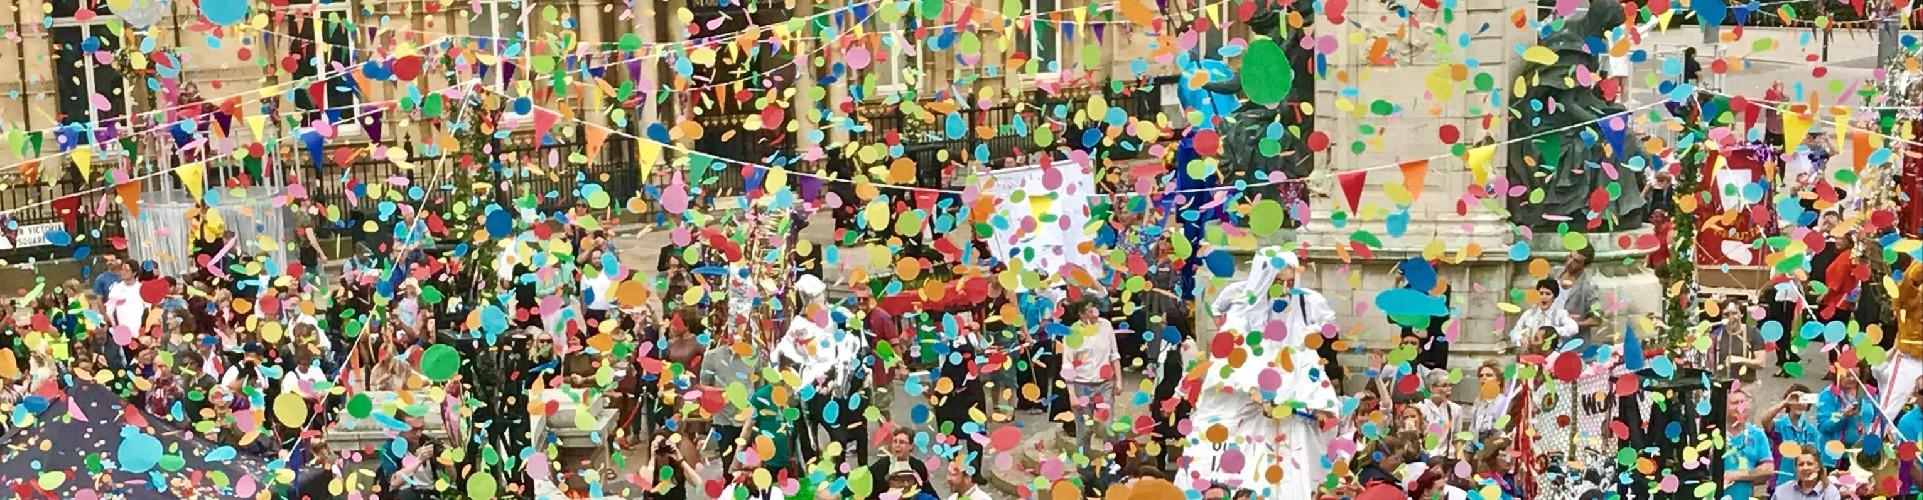 multicolour confetti circles fill town square